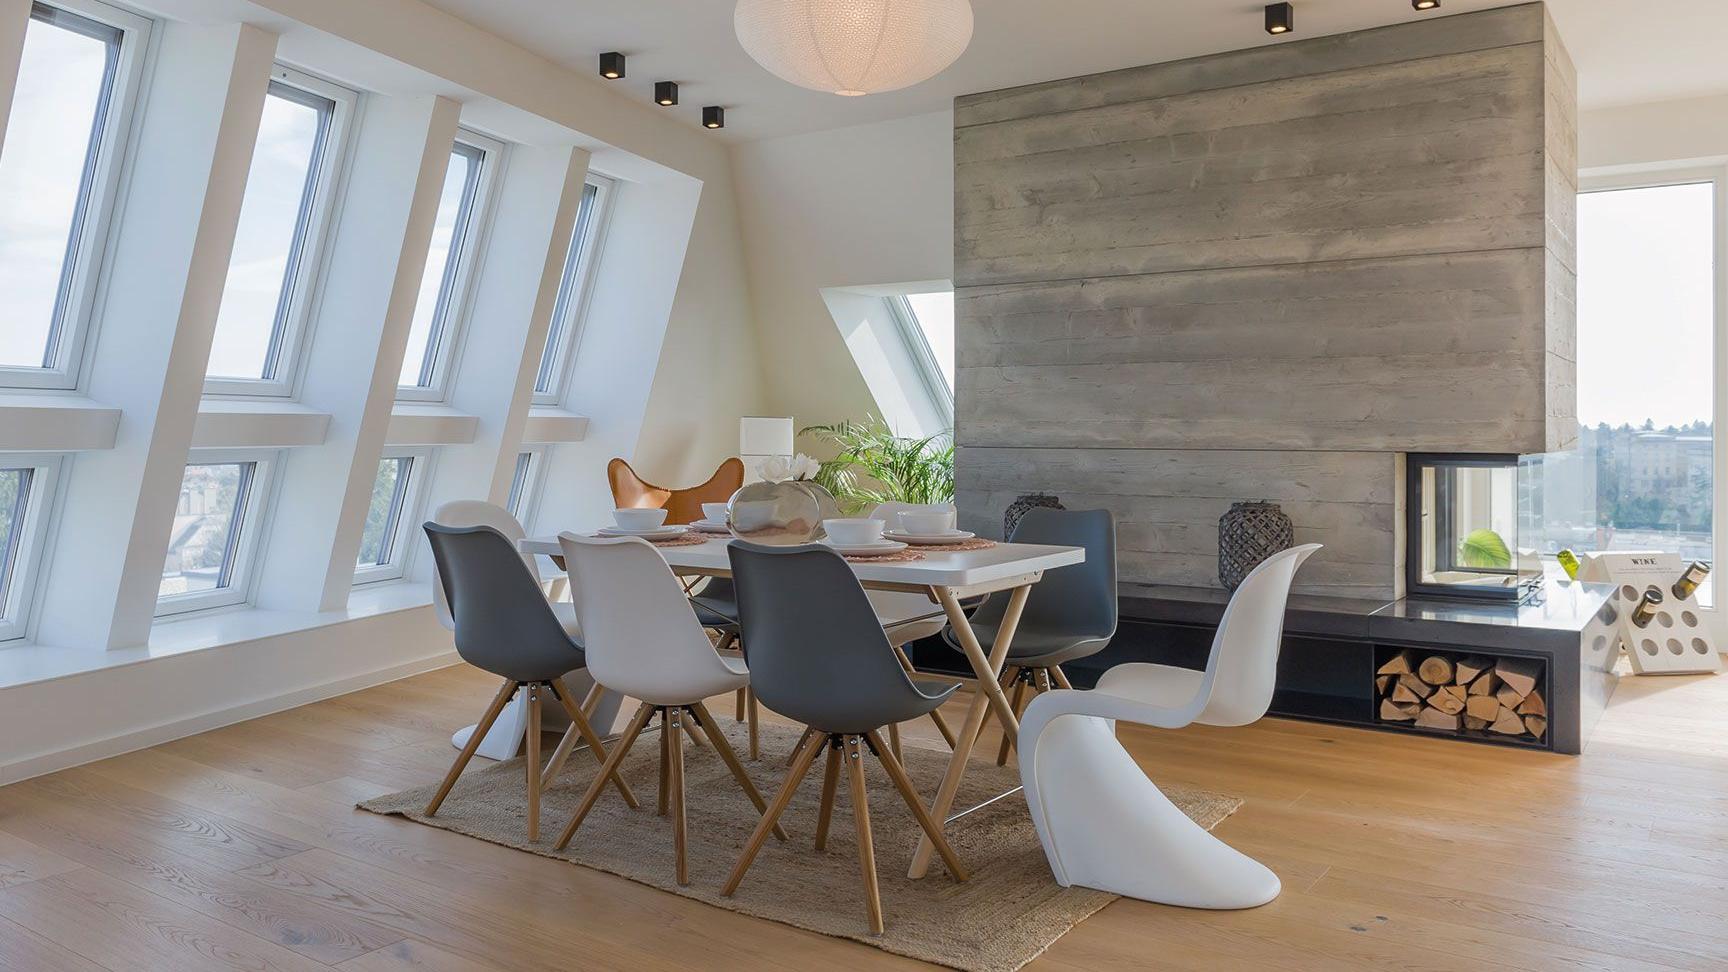 Casaroto premium i rivenditori di fiducia di roto frank italia for Roto finestre da tetto